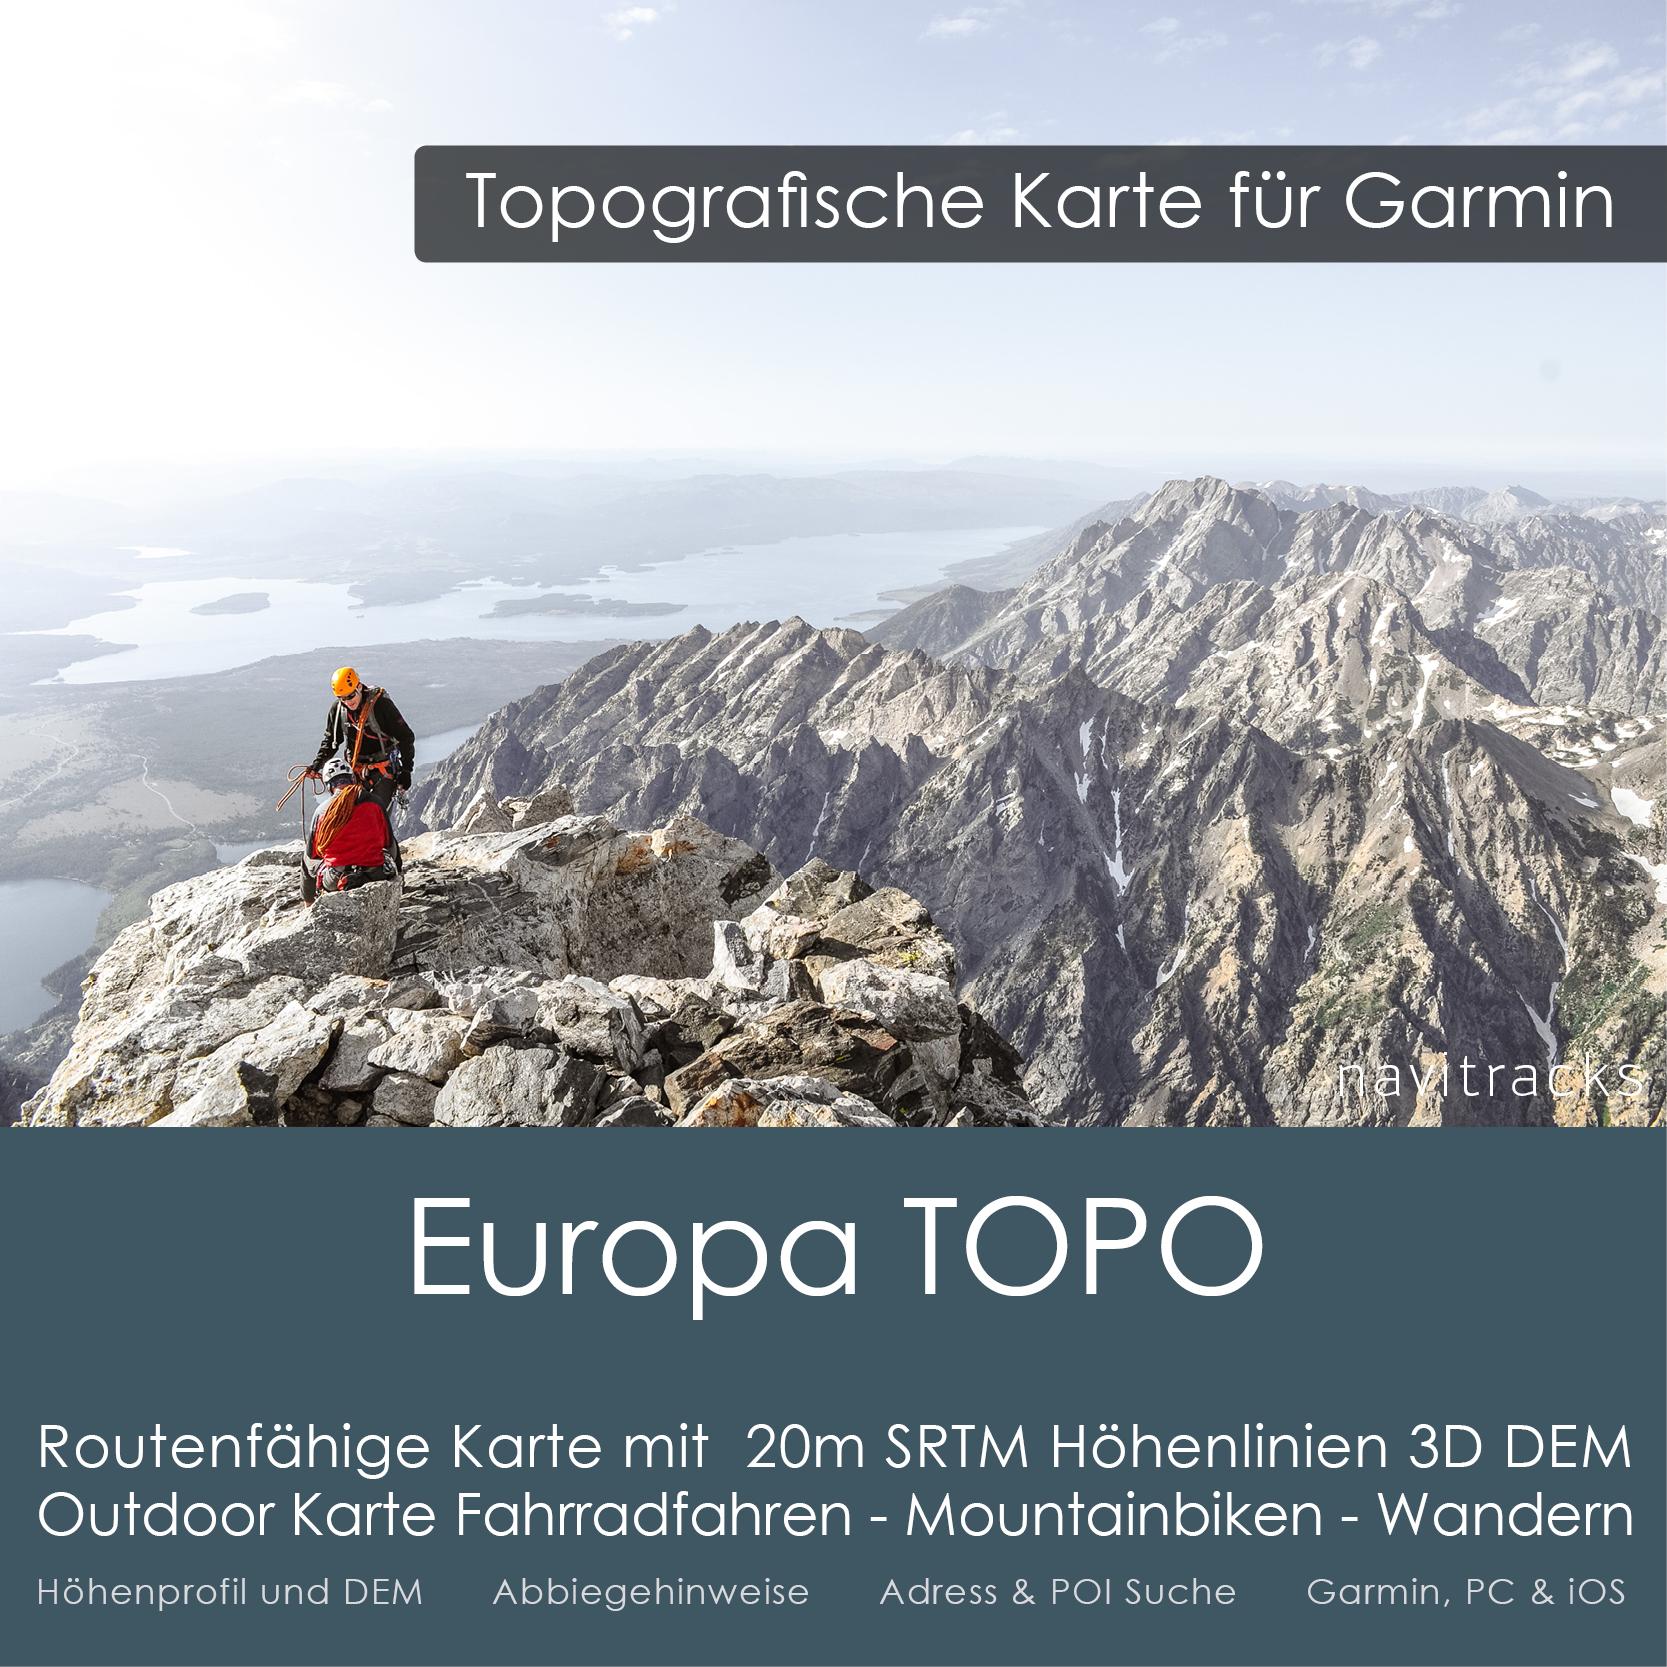 europa topo karte garmin mit 25m srtm h helinien download navitracks garmin kartenmanufaktur